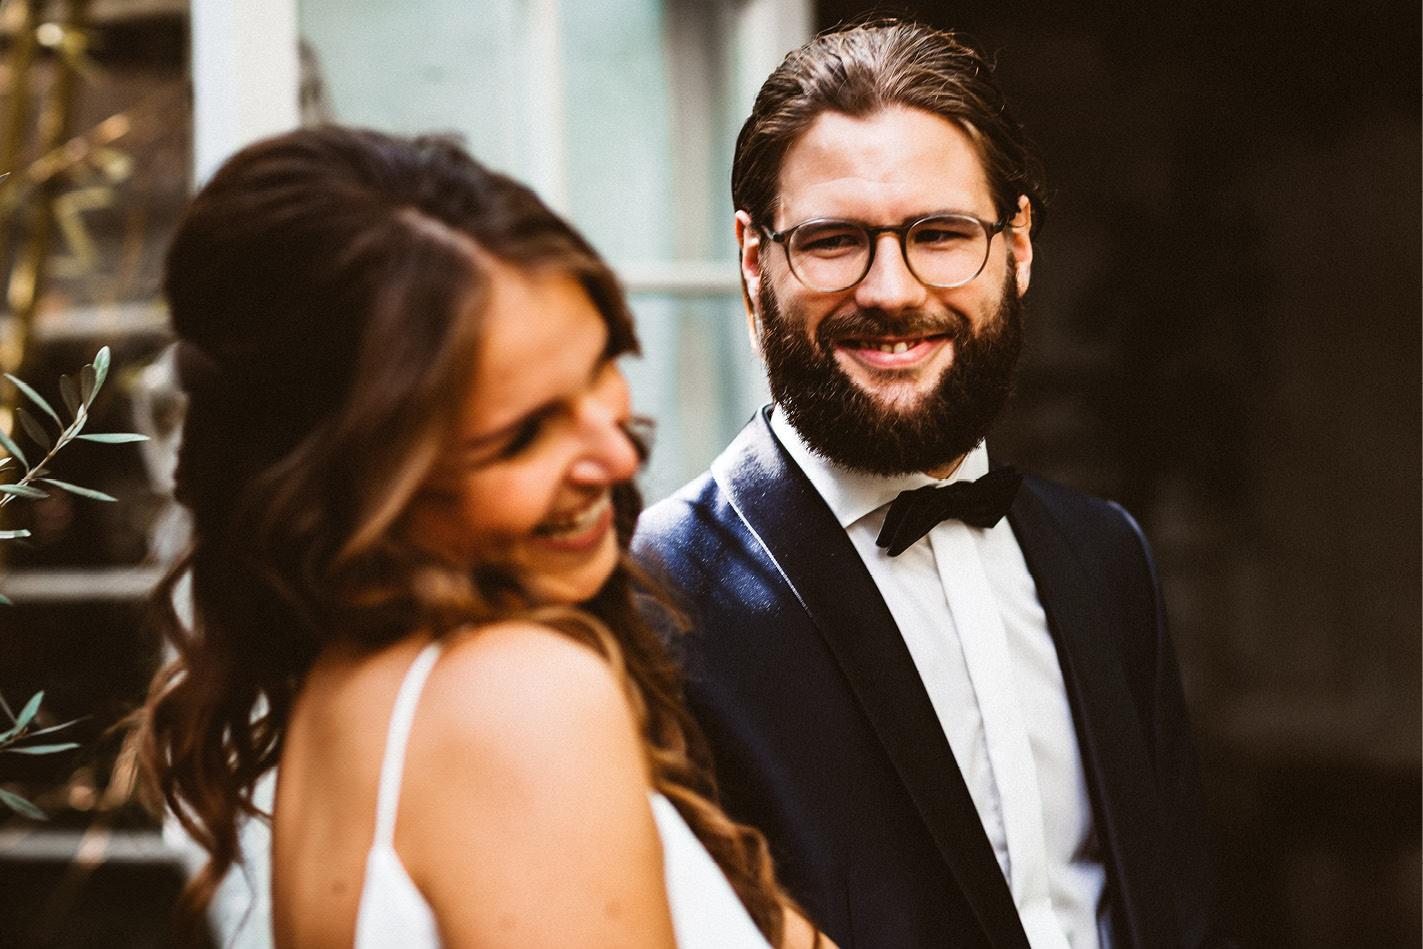 Als Hochzeitsfotograf Köln bieten wir Euch ein tolles Portfolio an Hochzeitsbildern!